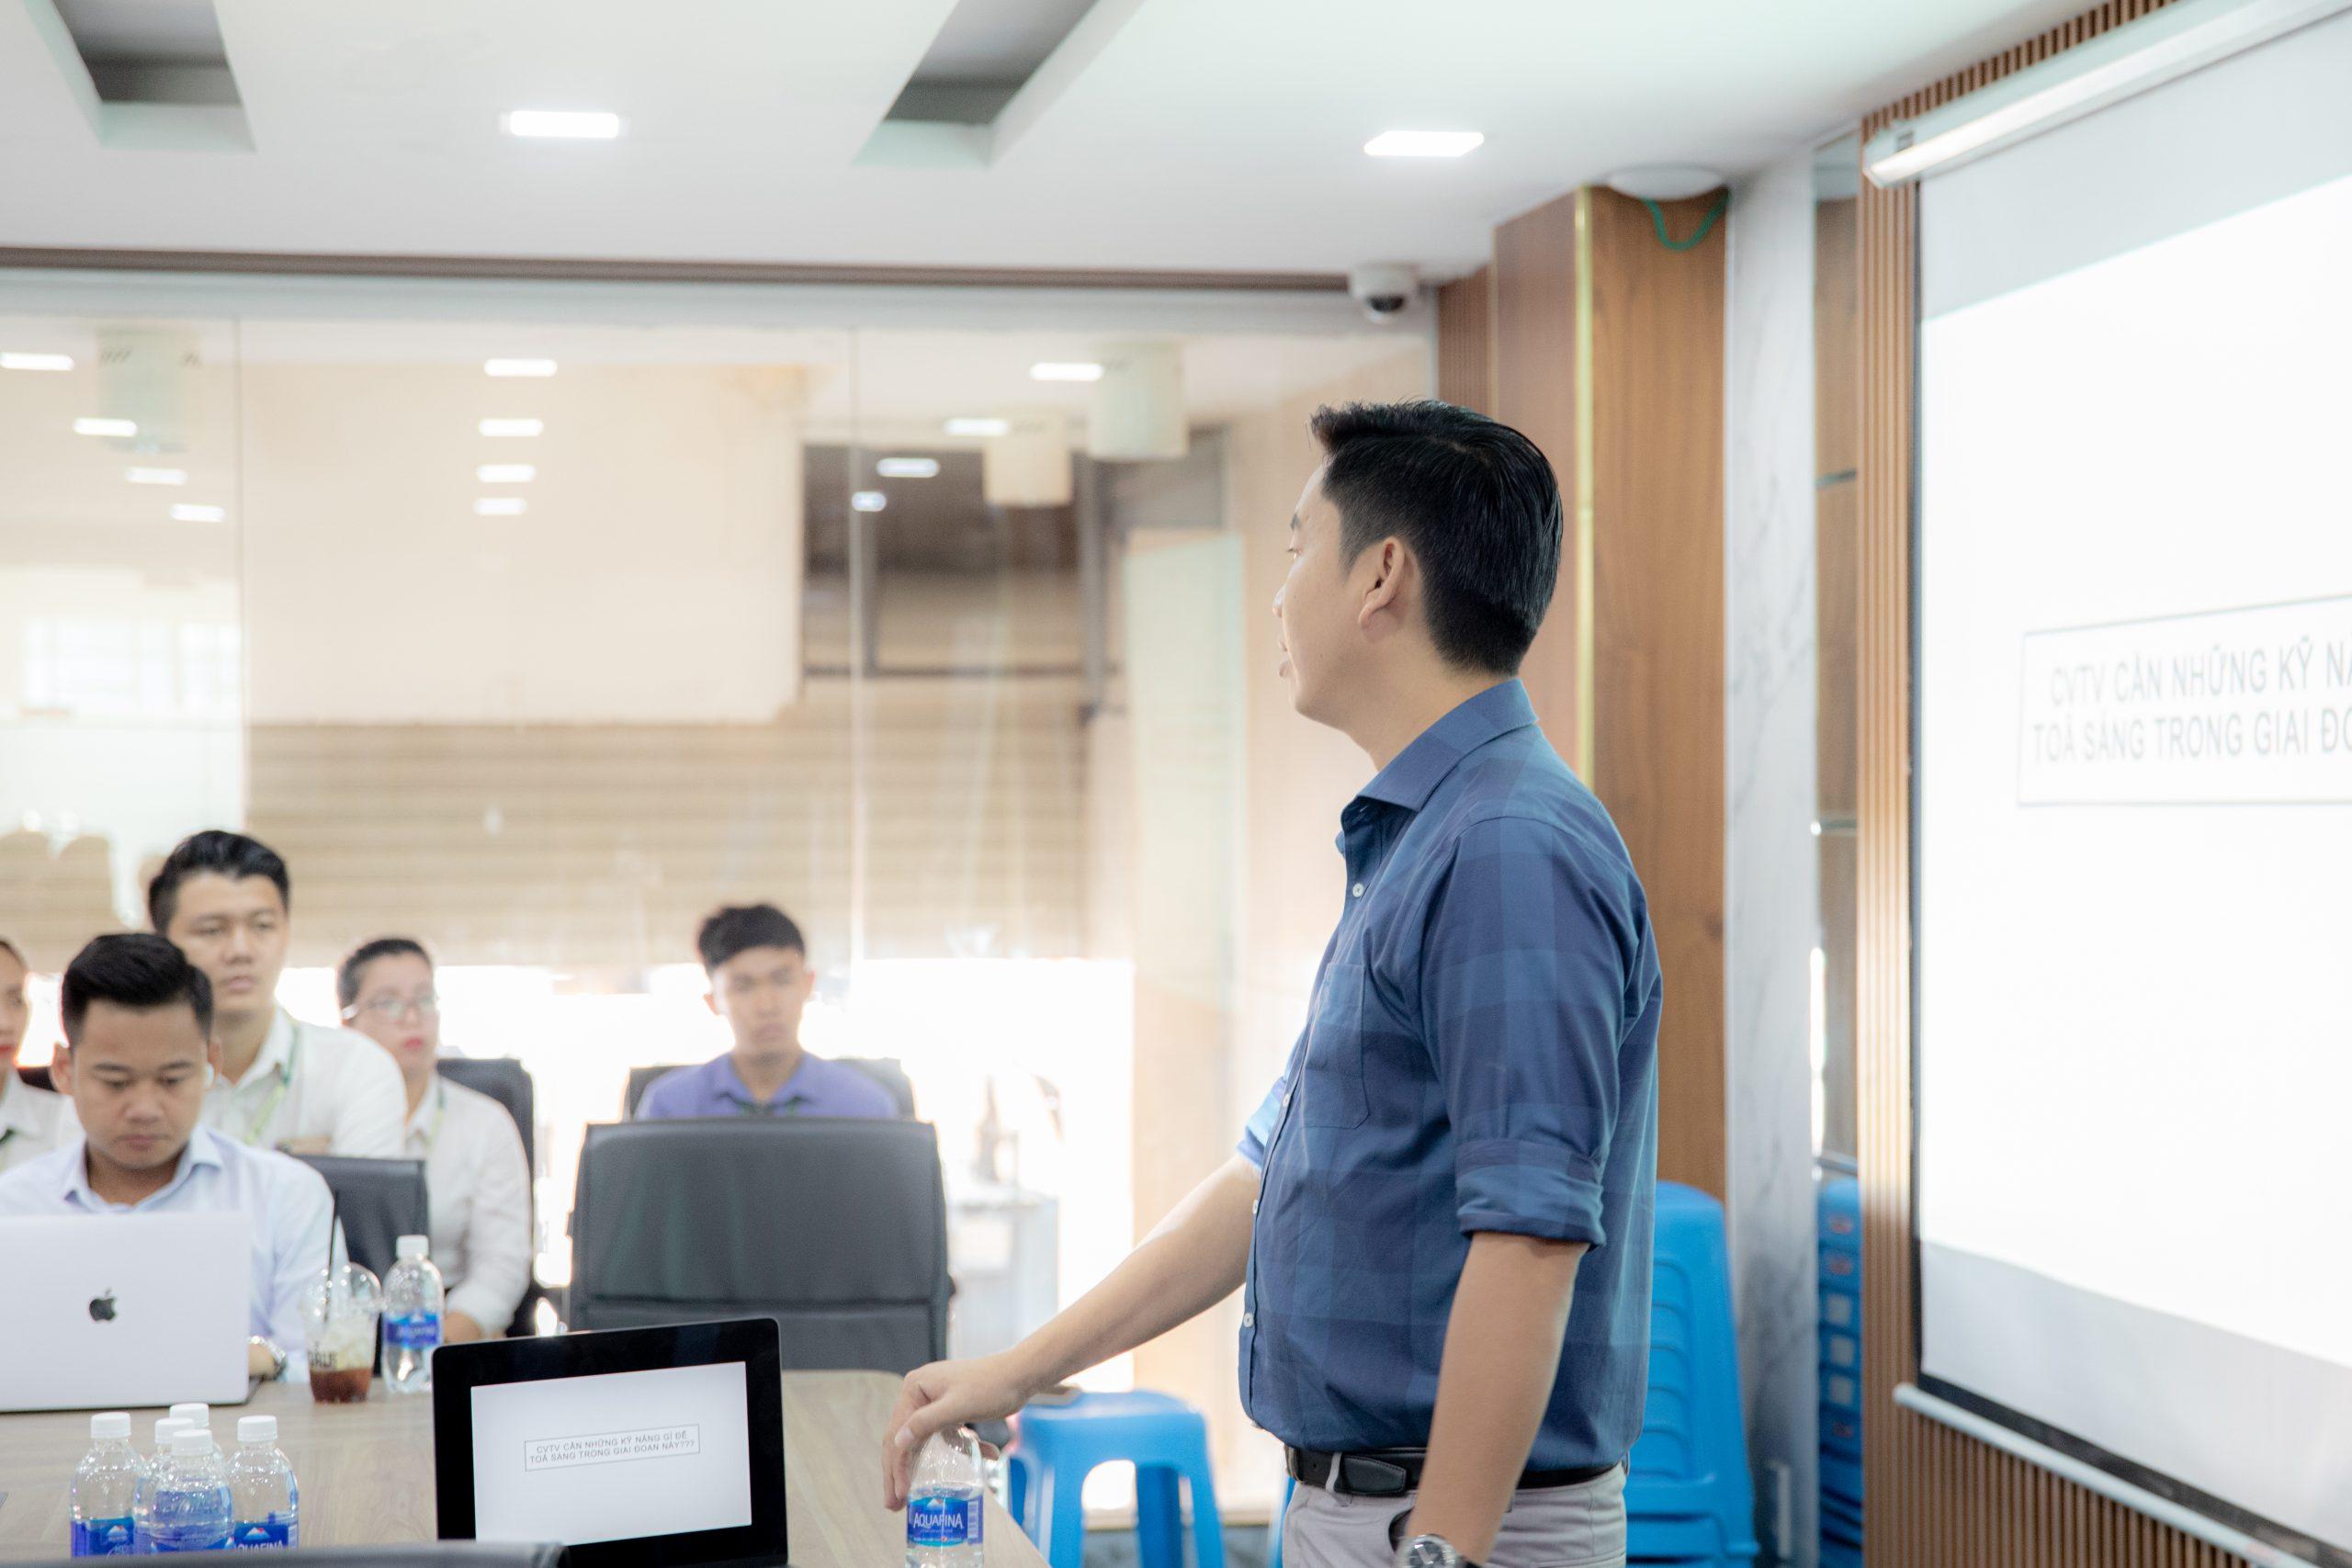 """Chương trình đào tạo nội bộ: kỹ năng bán bất động sản khi thị trường """"nguội"""""""